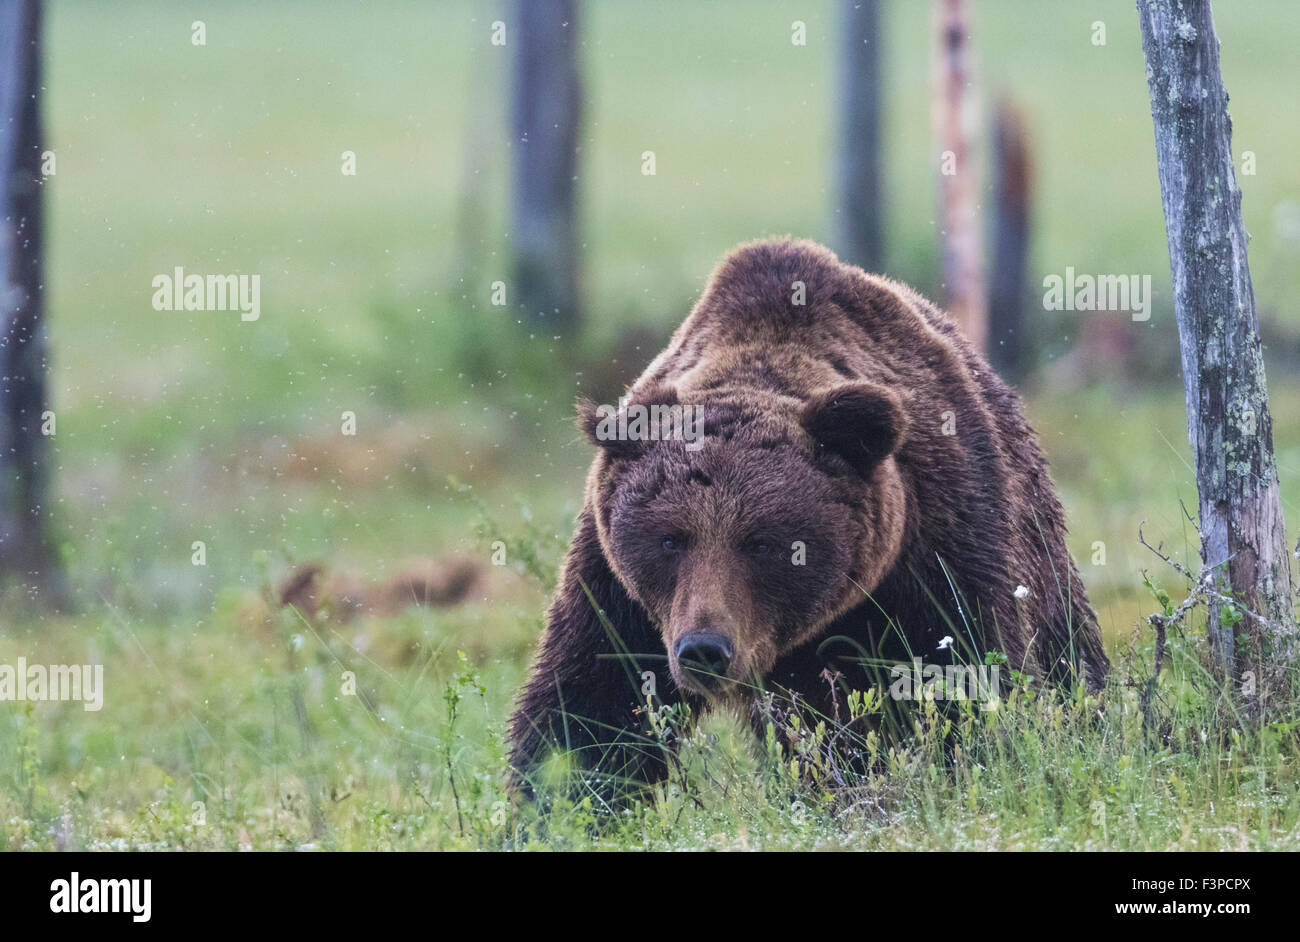 Brauner Bär, Ursus Arctos, gehen auf das Moos in Richtung der Kamera, senkte seinen Kopf und suchen gerade nach Stockfoto